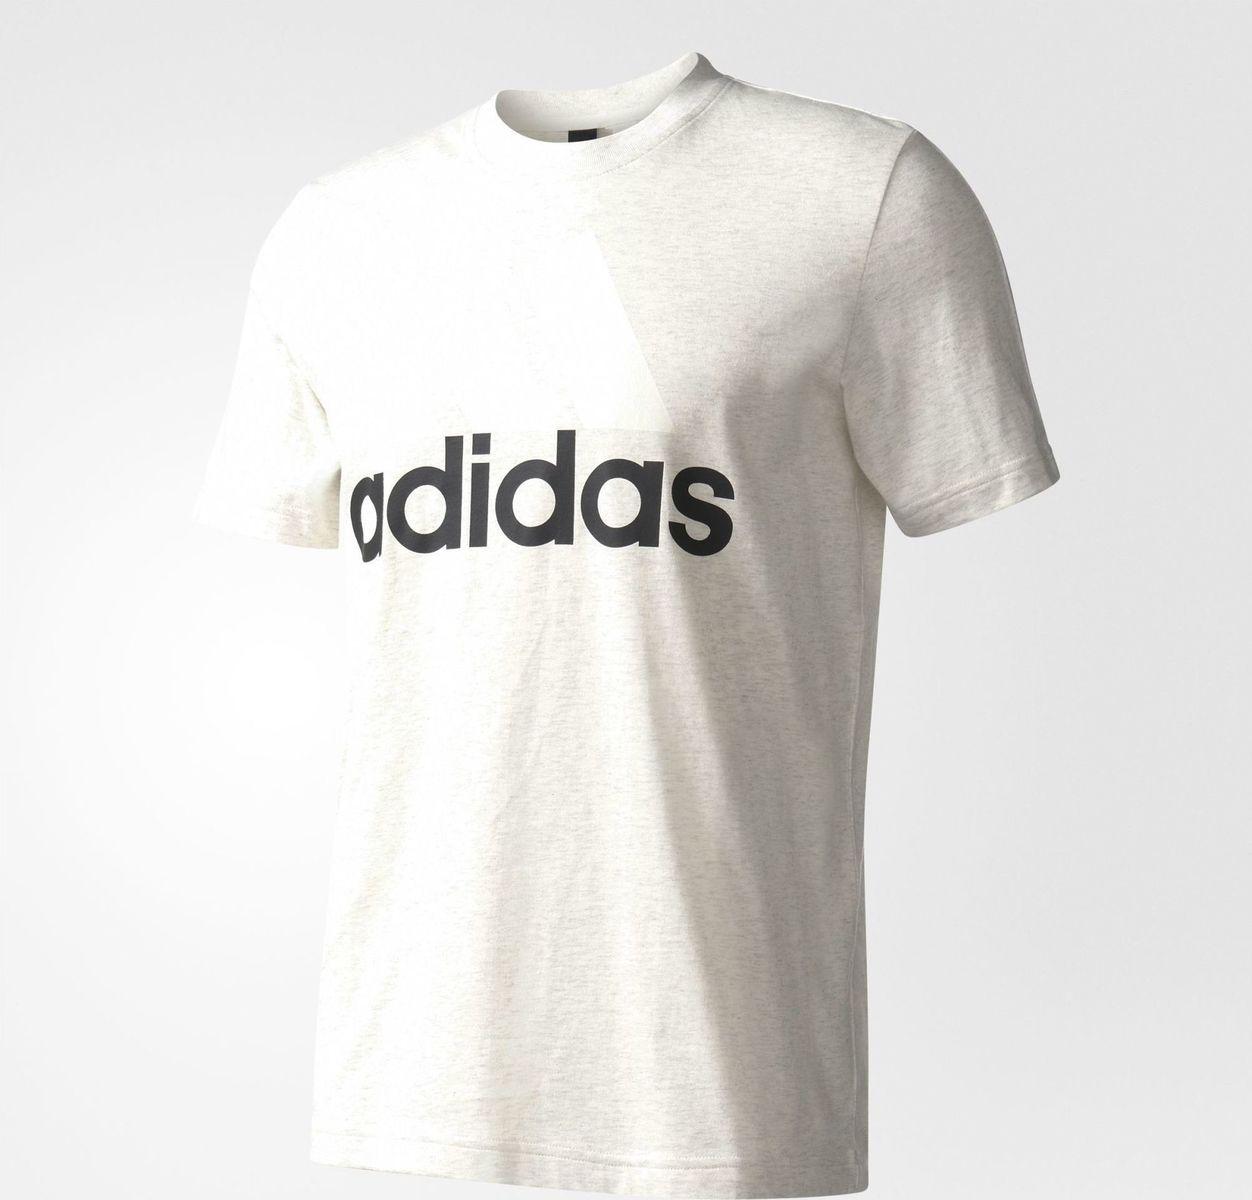 Футболка мужская Adidas Ess Linear Tee, цвет: белый. B47357. Размер L (52/54) футболка мужская adidas rfu 3s tee цвет красный cd5275 размер s 44 46